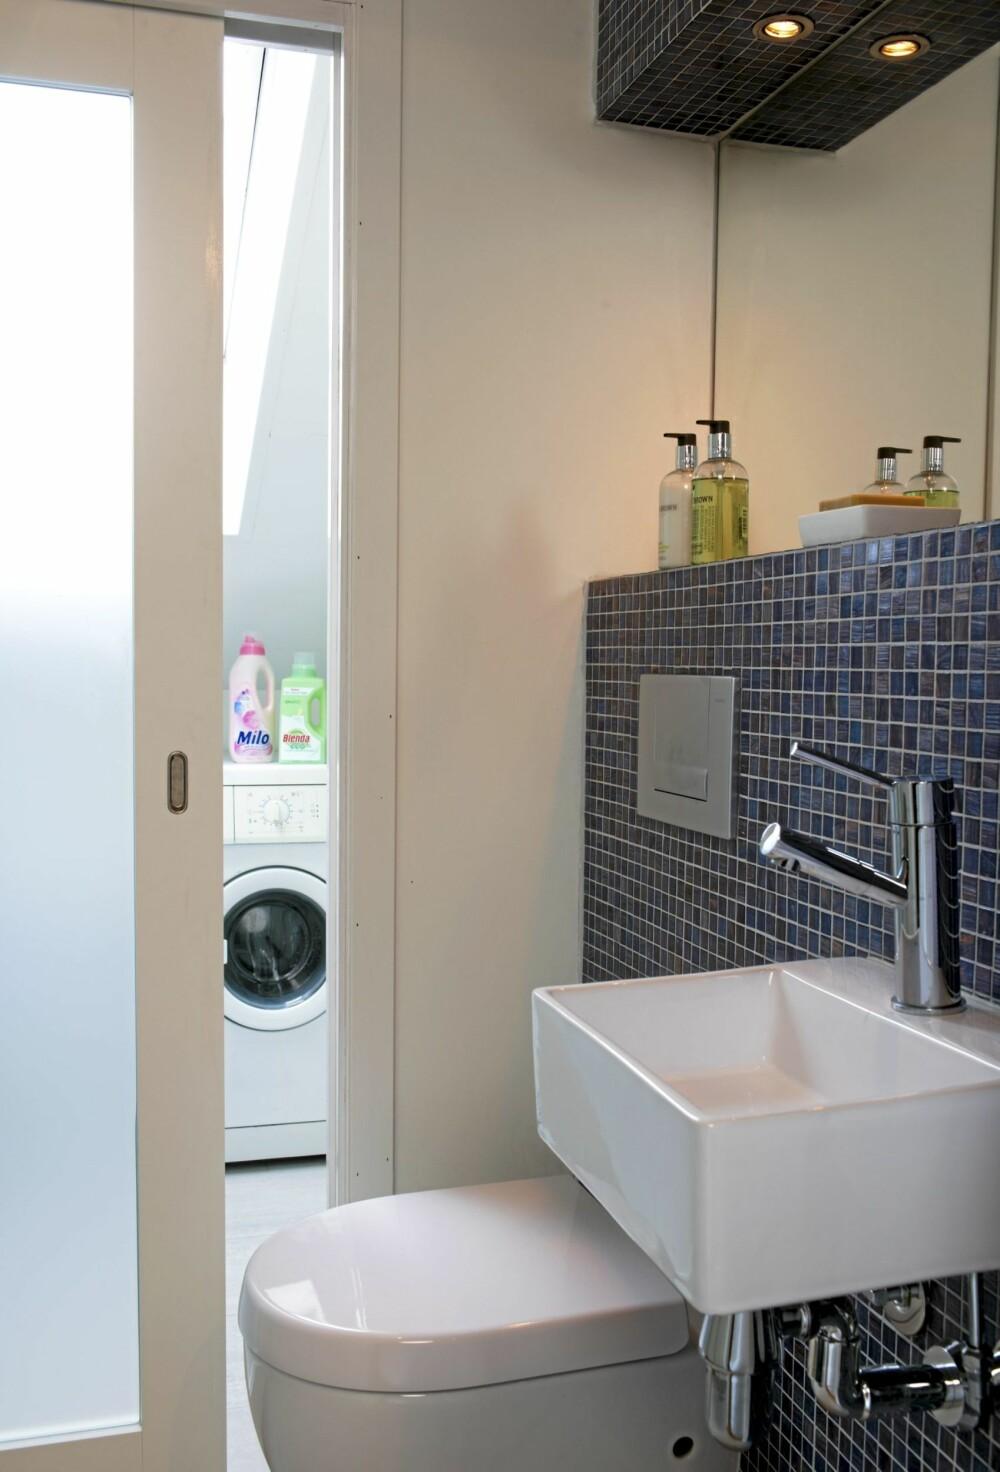 DELT: Det minste badet er delt med en skyvedør i frostet glass. På den måten kommer dagslyset inn i rommet, og vaskerommet er adskilt fra toalettet.